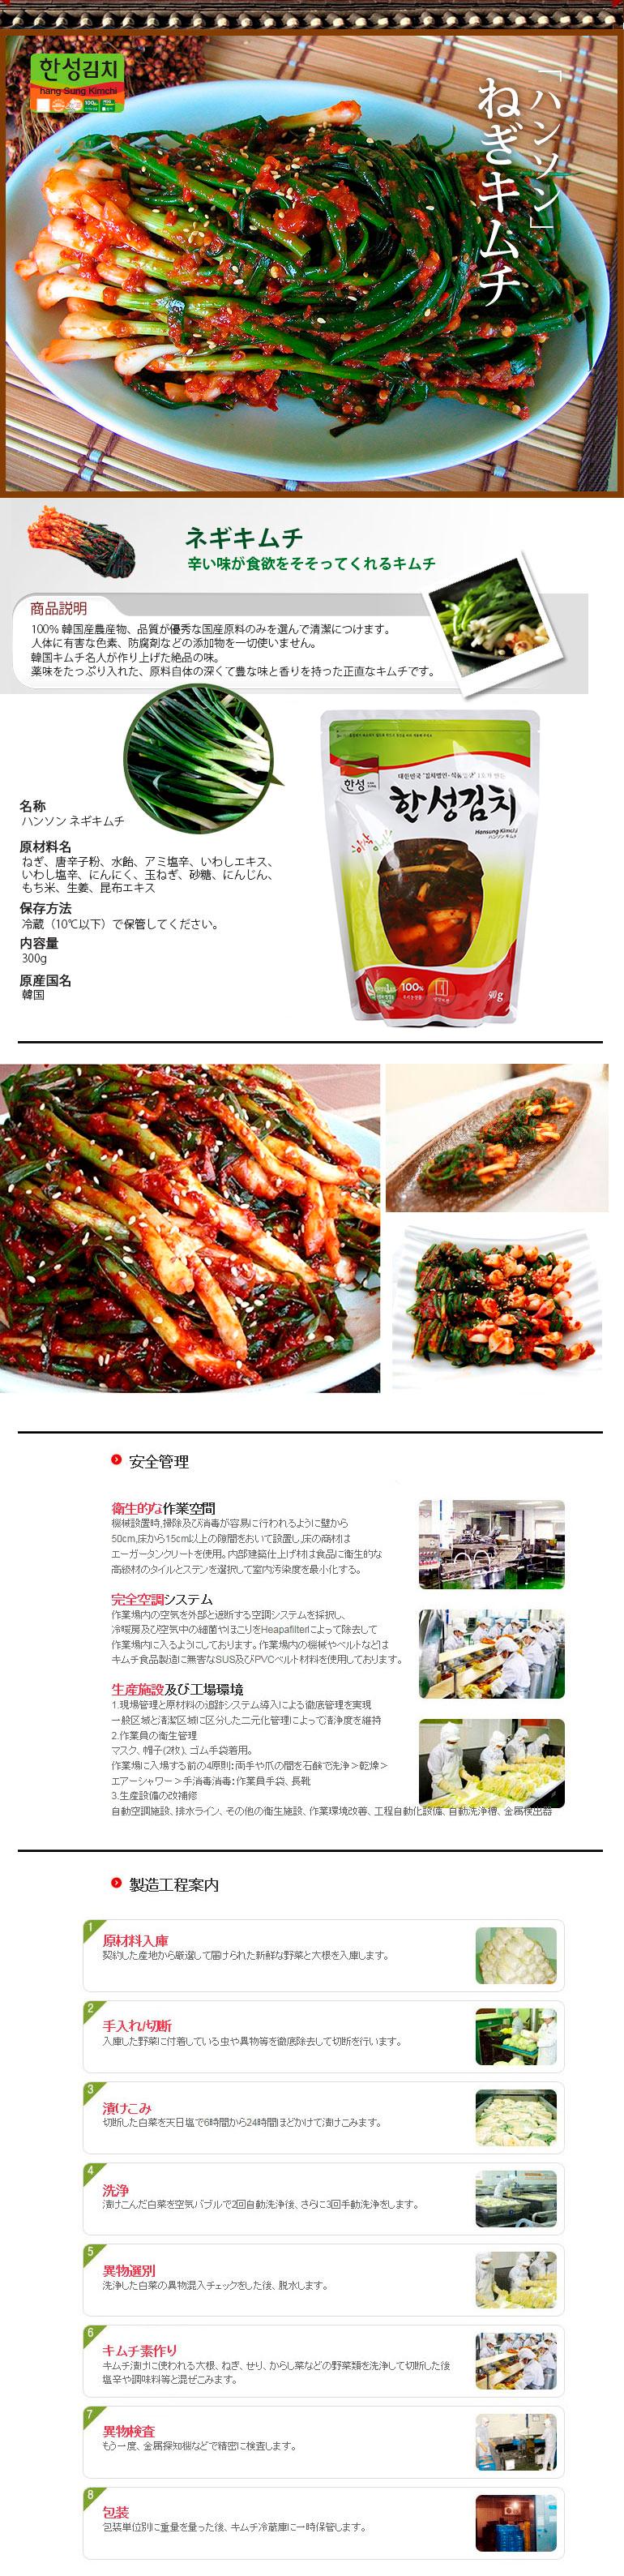 100%韓国産農産物を使用 韓国キムチ名人が作り上げた絶品の味